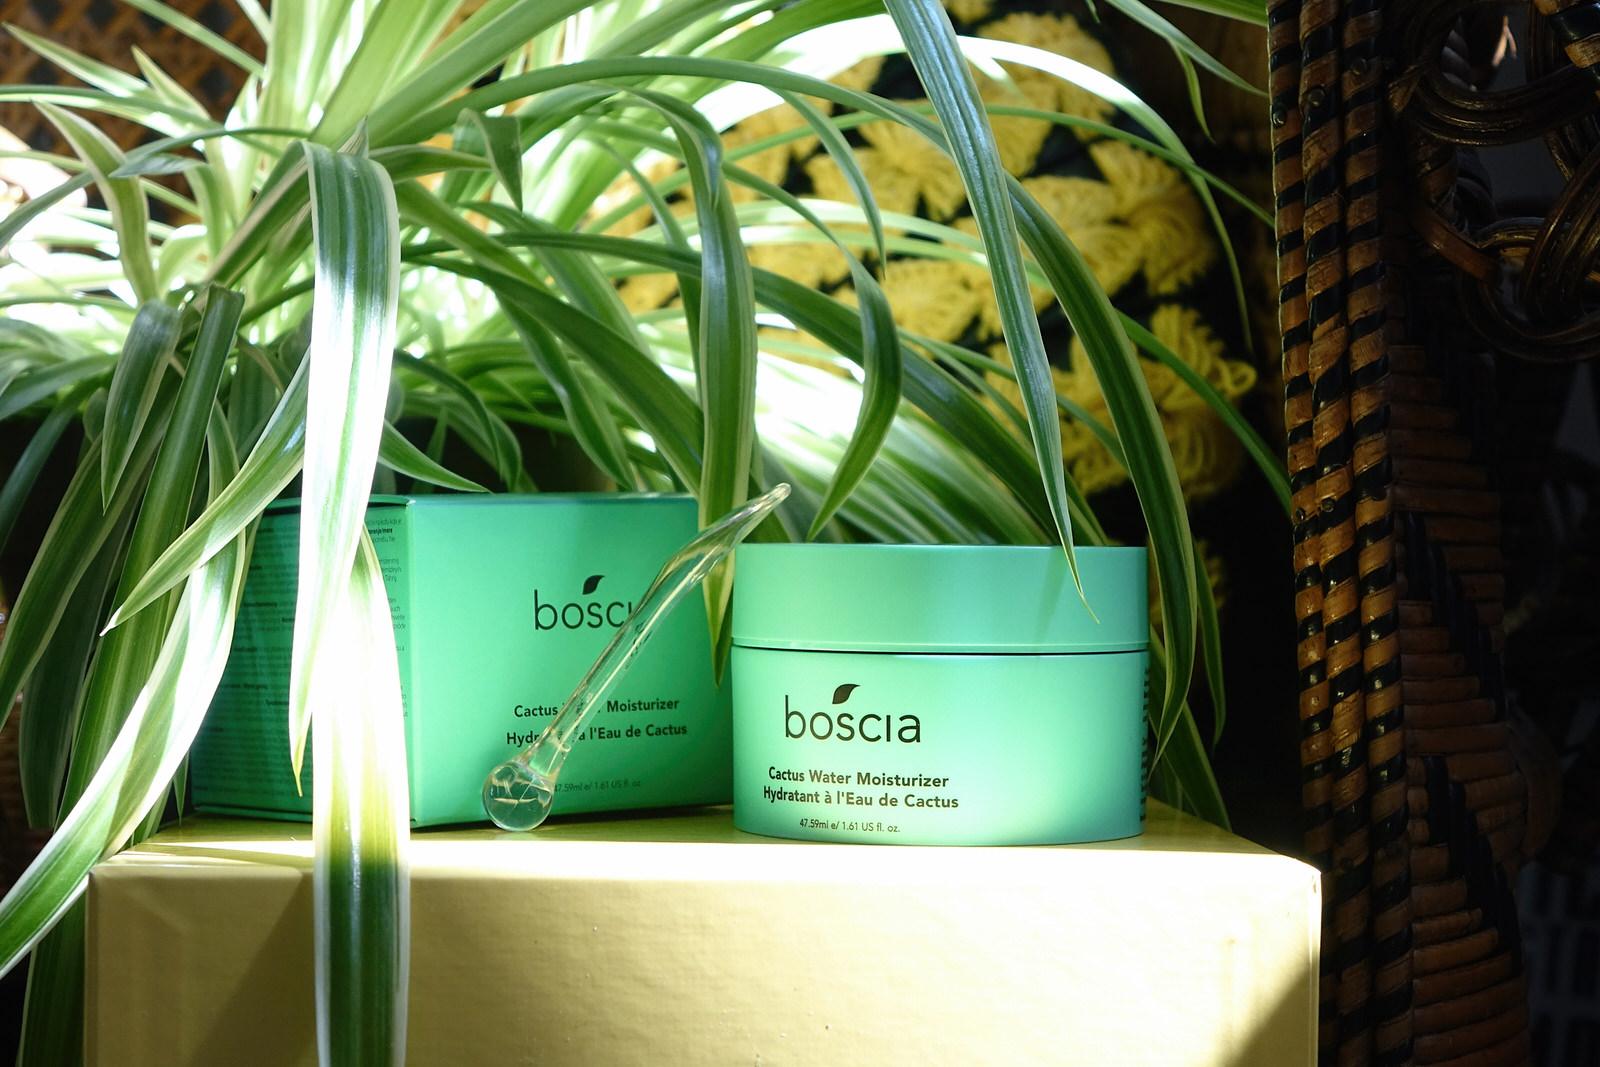 Présentation des produits Boscia, gamme water cactus